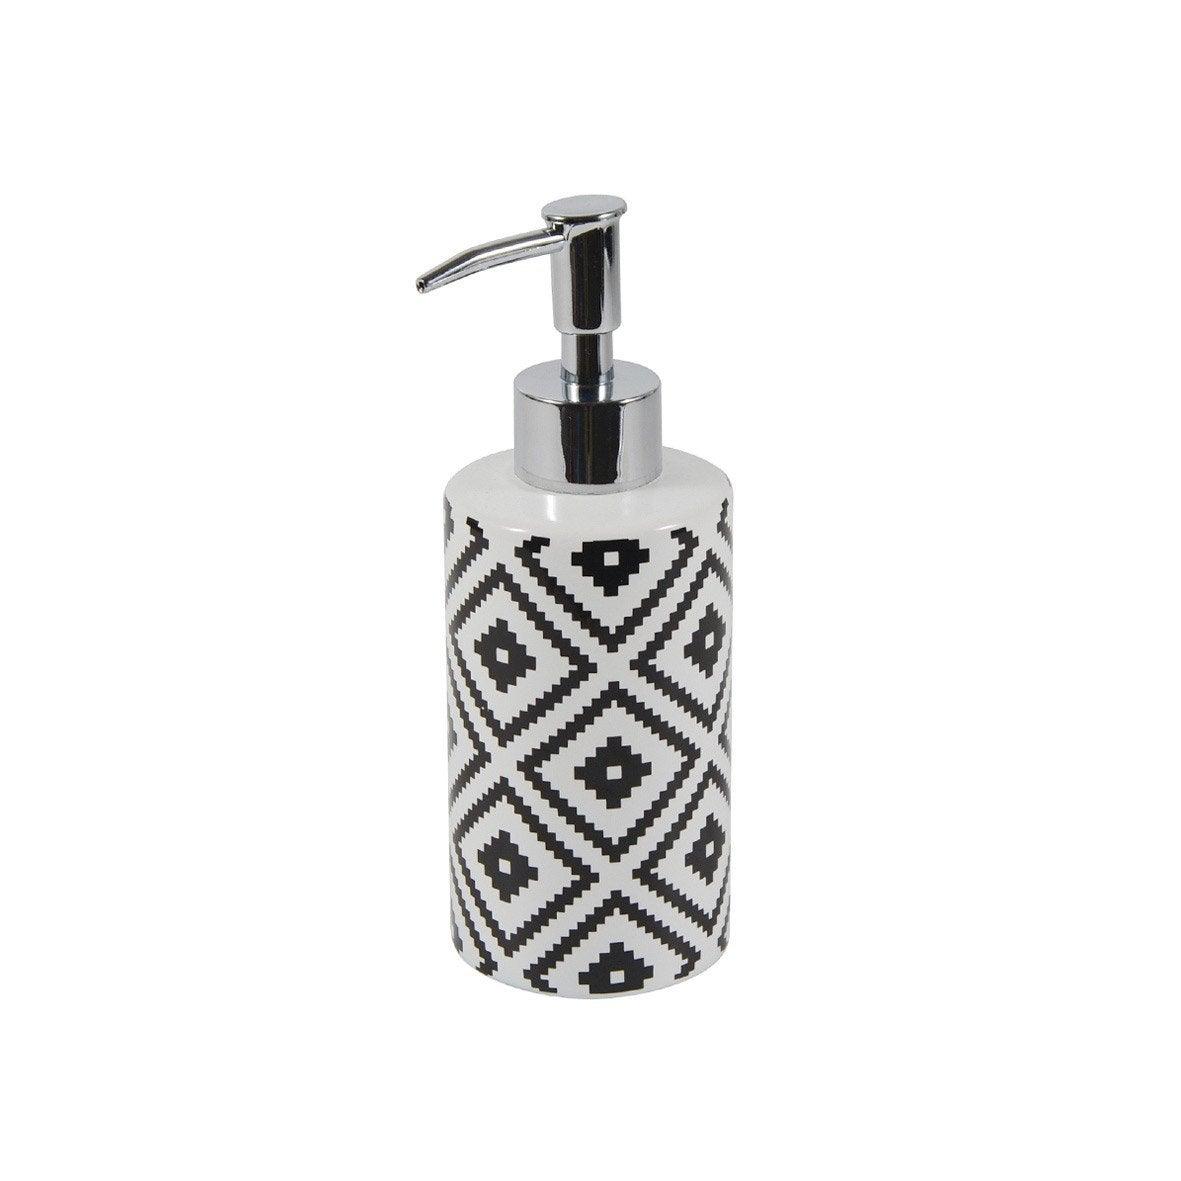 Distributeur de savon céramique Ethnic, noir et blanc